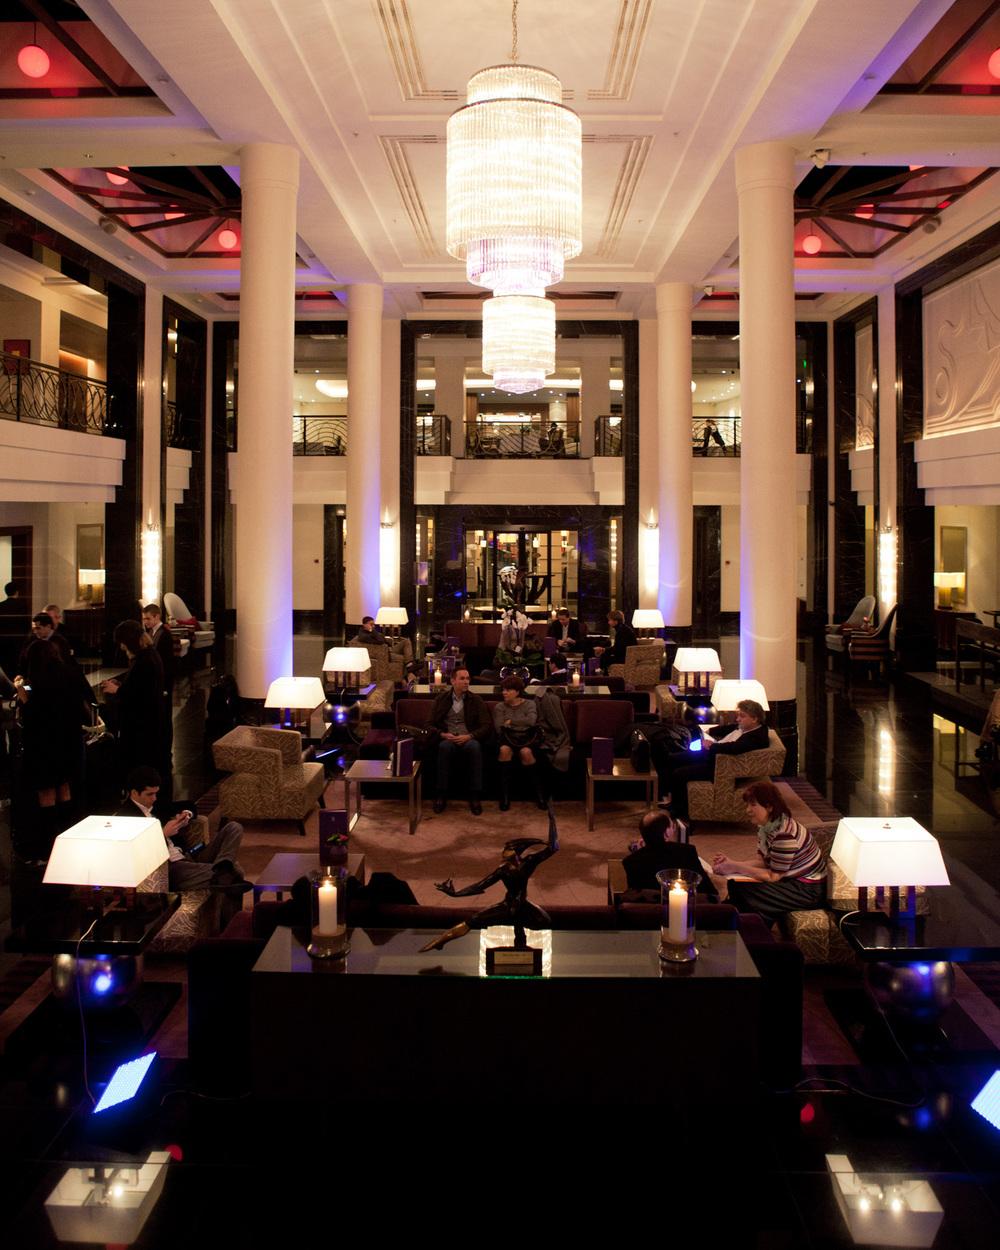 hotel-st-petersburg_8224462495_o.jpg